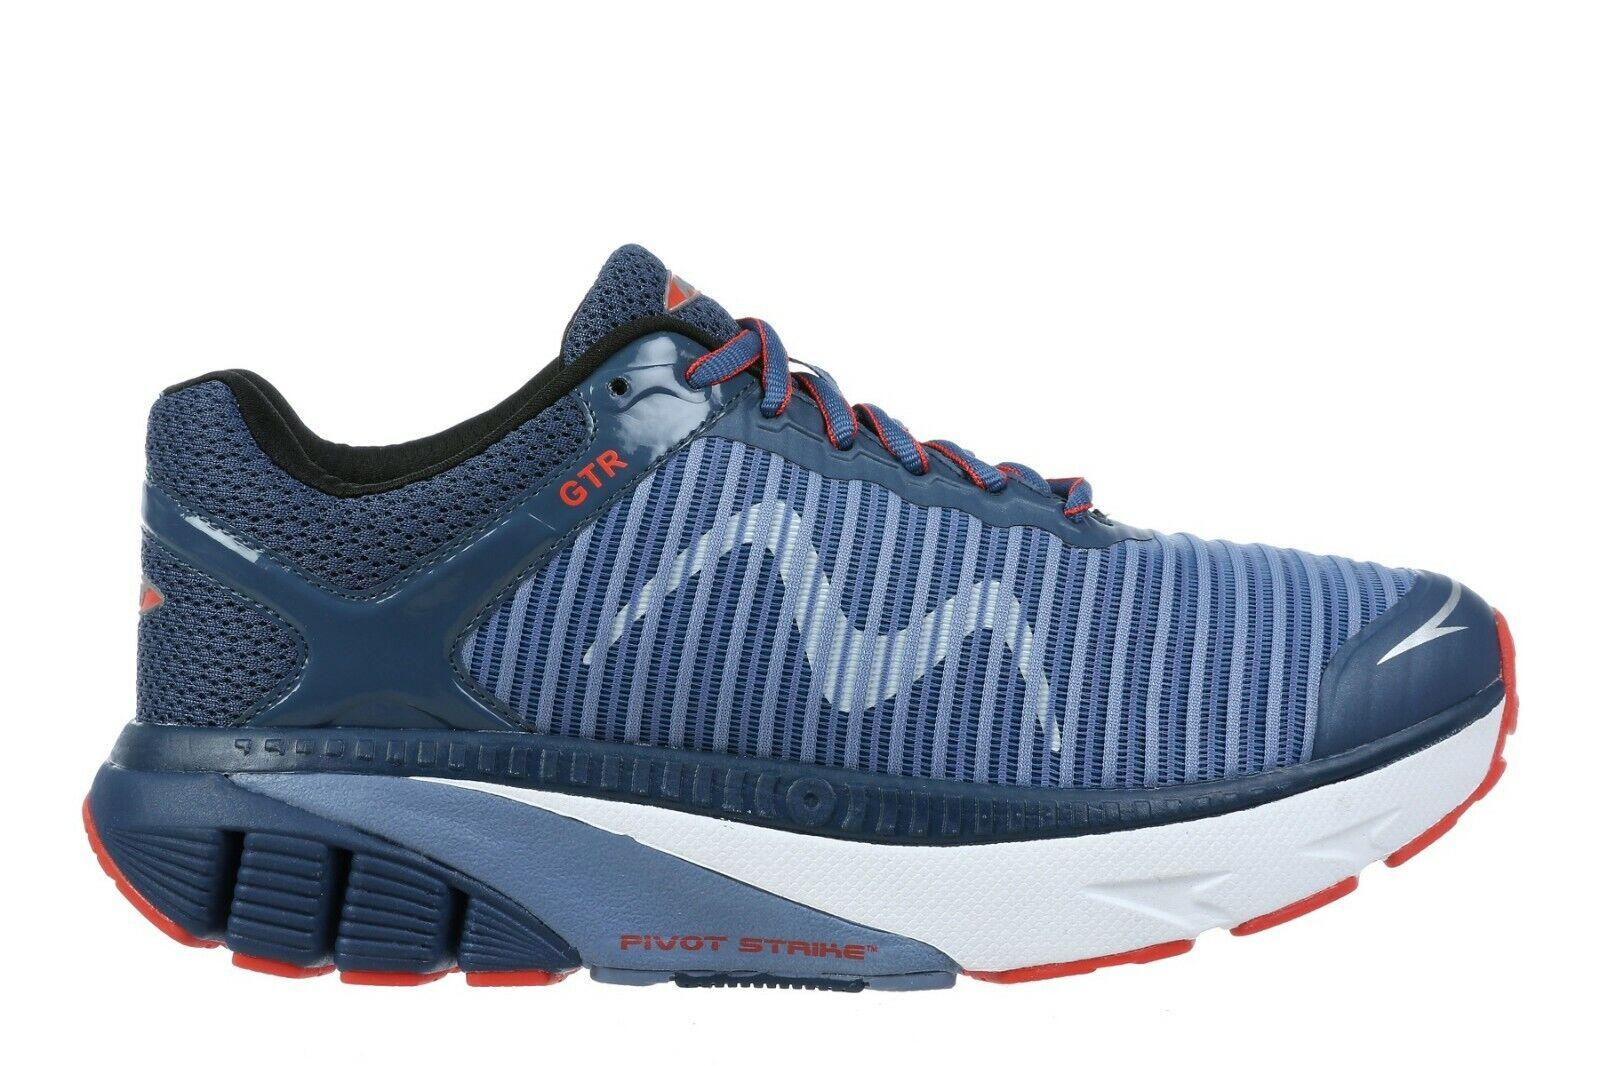 MBT GTR M Run Matrix zapatillas zapatos hombres Man basculanti 702039-12Y Navy azul